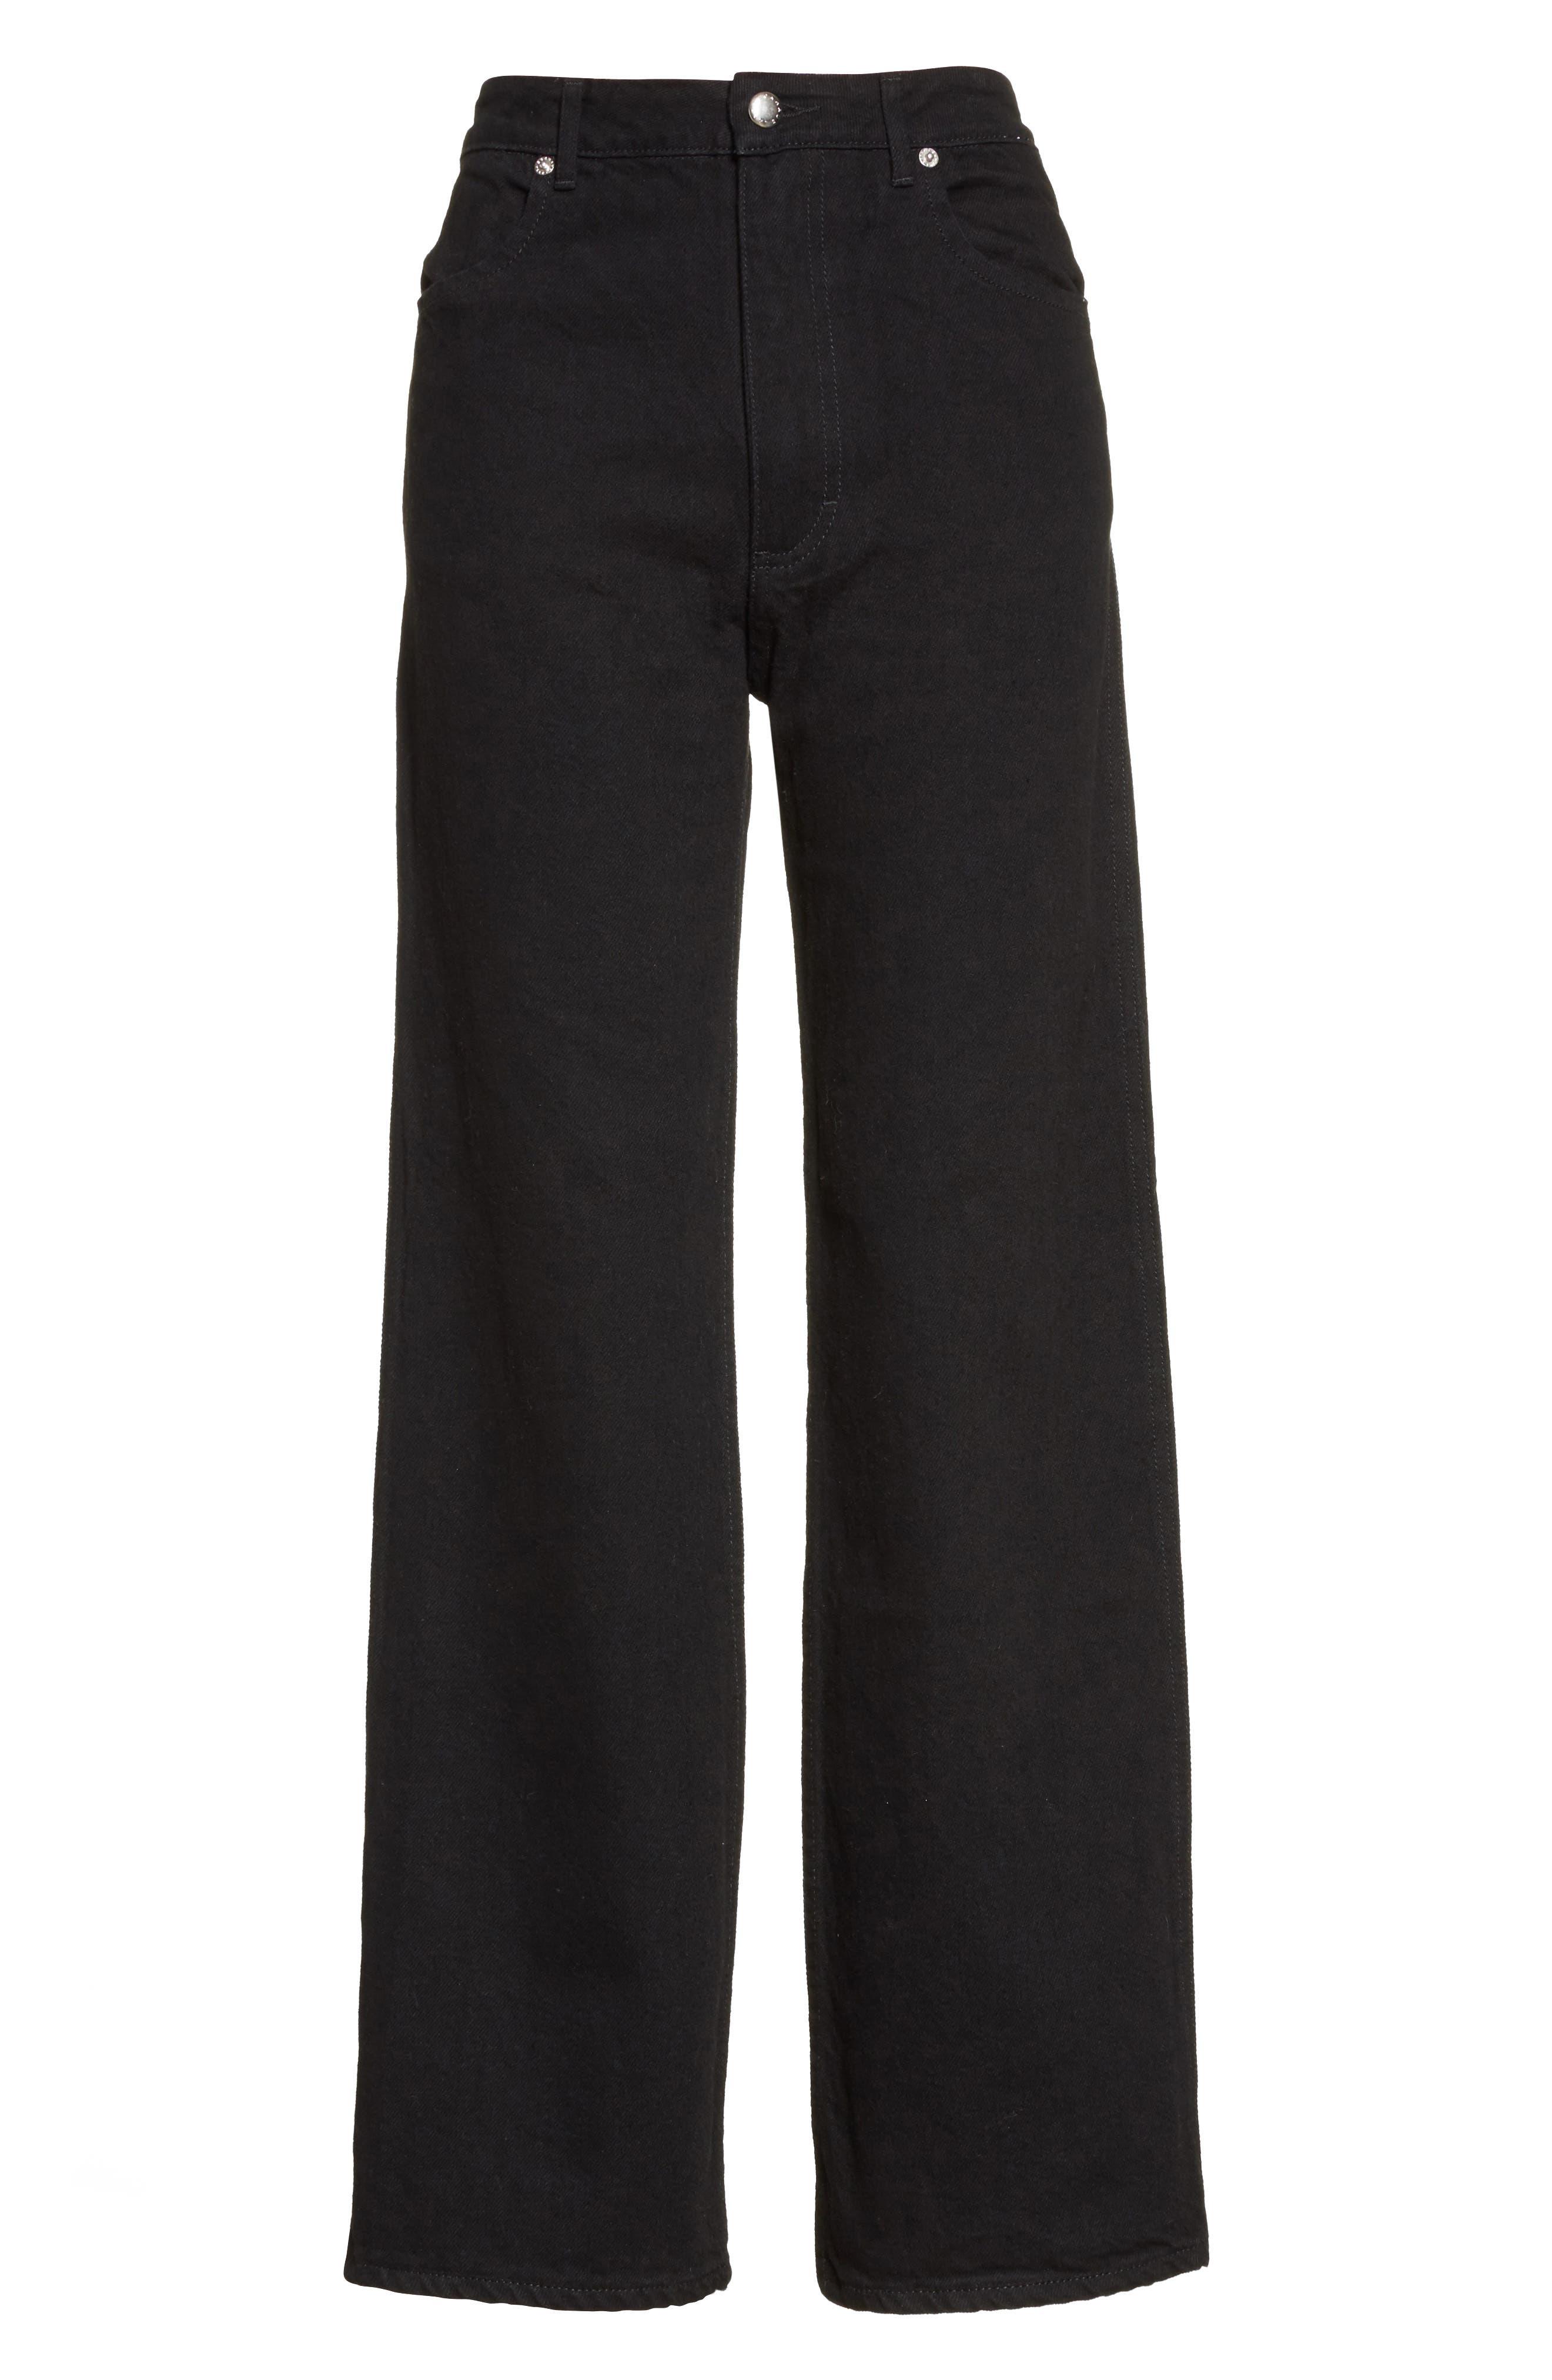 Alternate Image 4  - Eckhaus Latta EL Wide Leg Jeans (Almost Black)